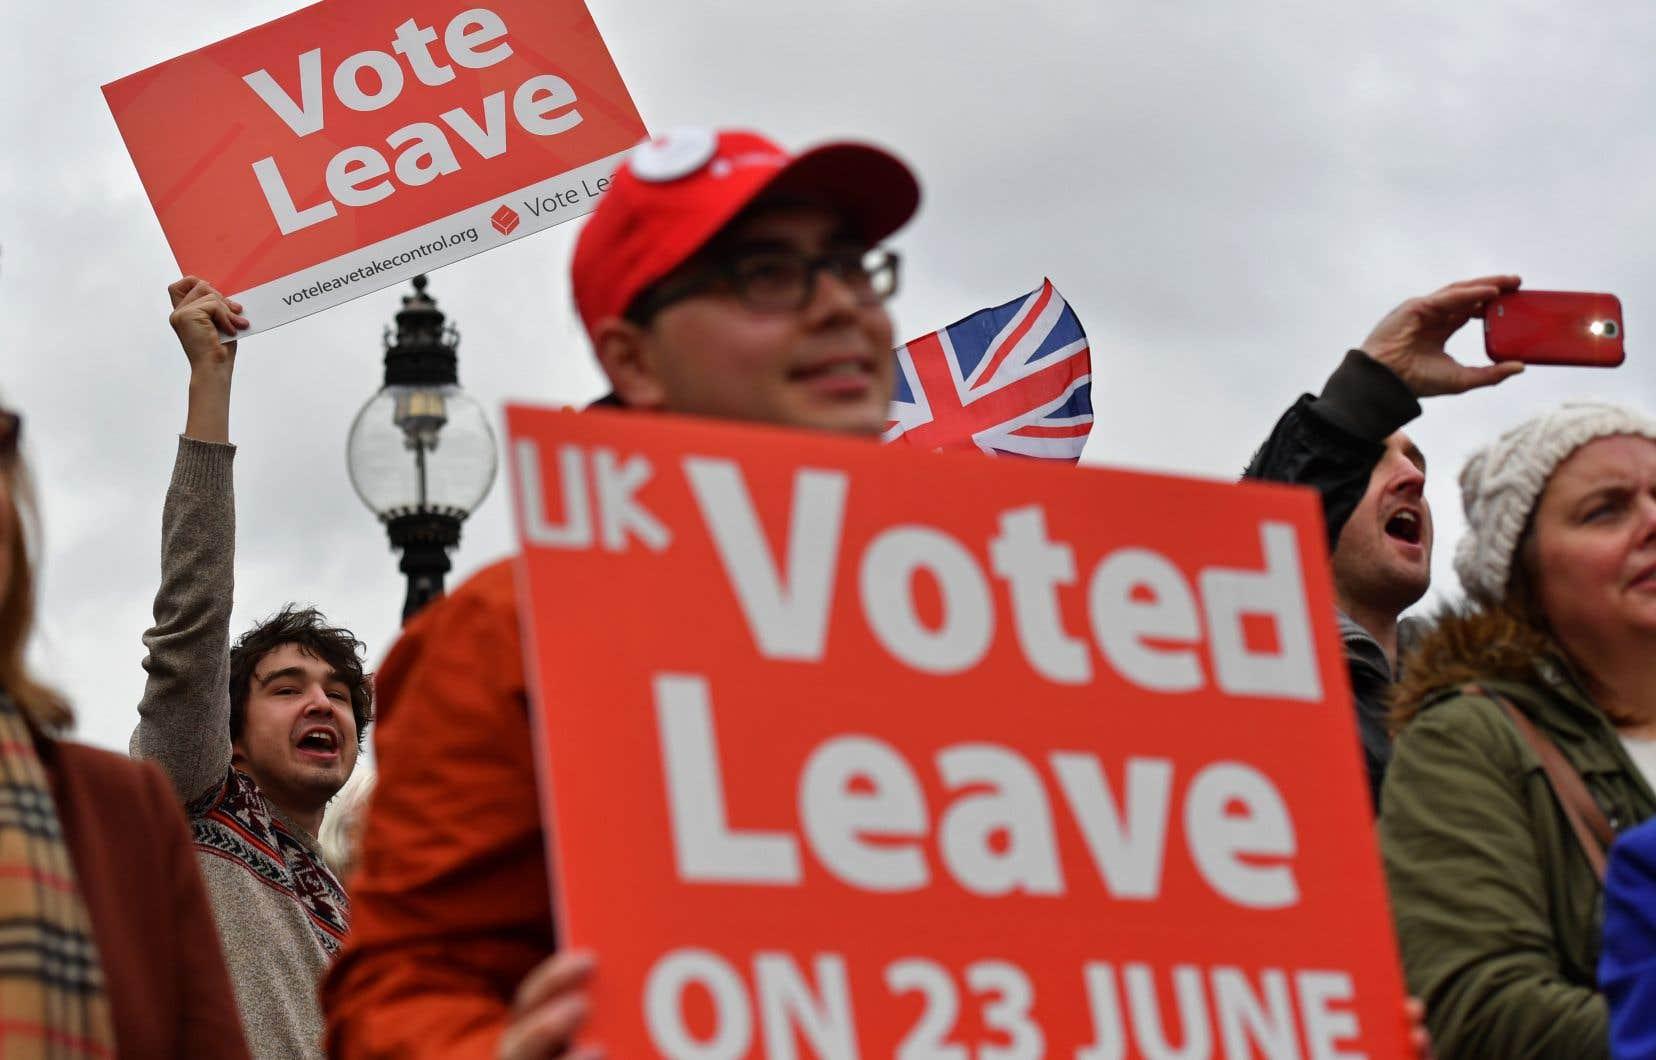 Le référendum du 23juin 2016 s'est joué à moins de 2% des votes, les Britanniques ayant voté à 52% pour sortir de l'UE.